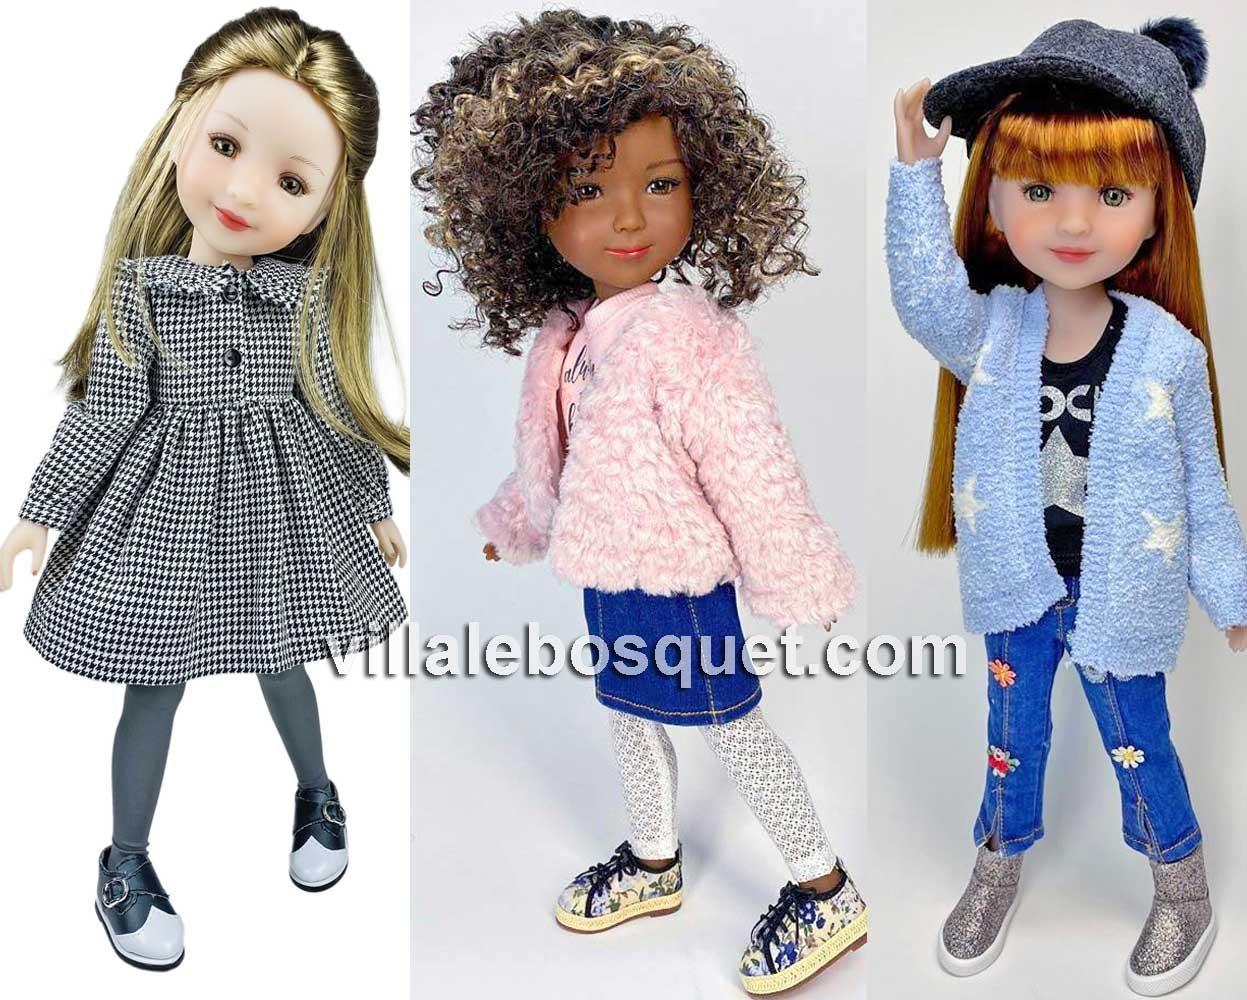 Charlotte, Maya et Stella des Fashion Friends de Ruby Red sont à la Villalebosquet.com